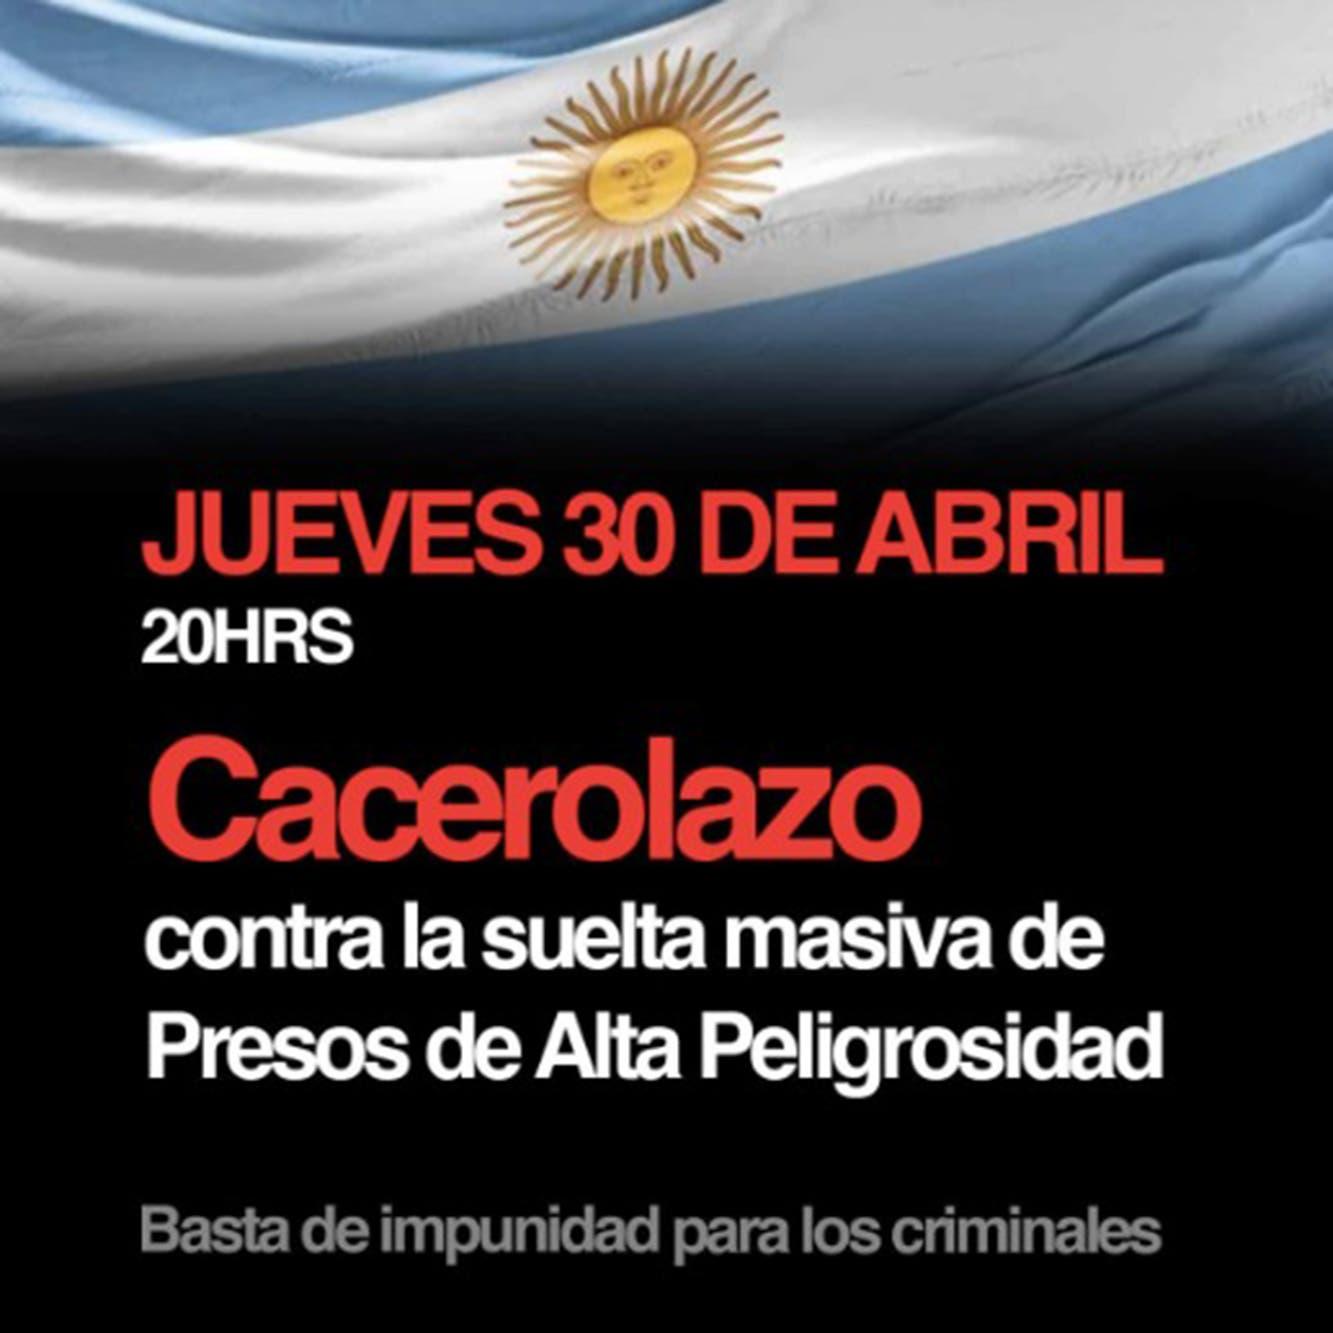 Cacerolazo hoy: récord de firmas y convocatoria en redes contra la liberación de presos